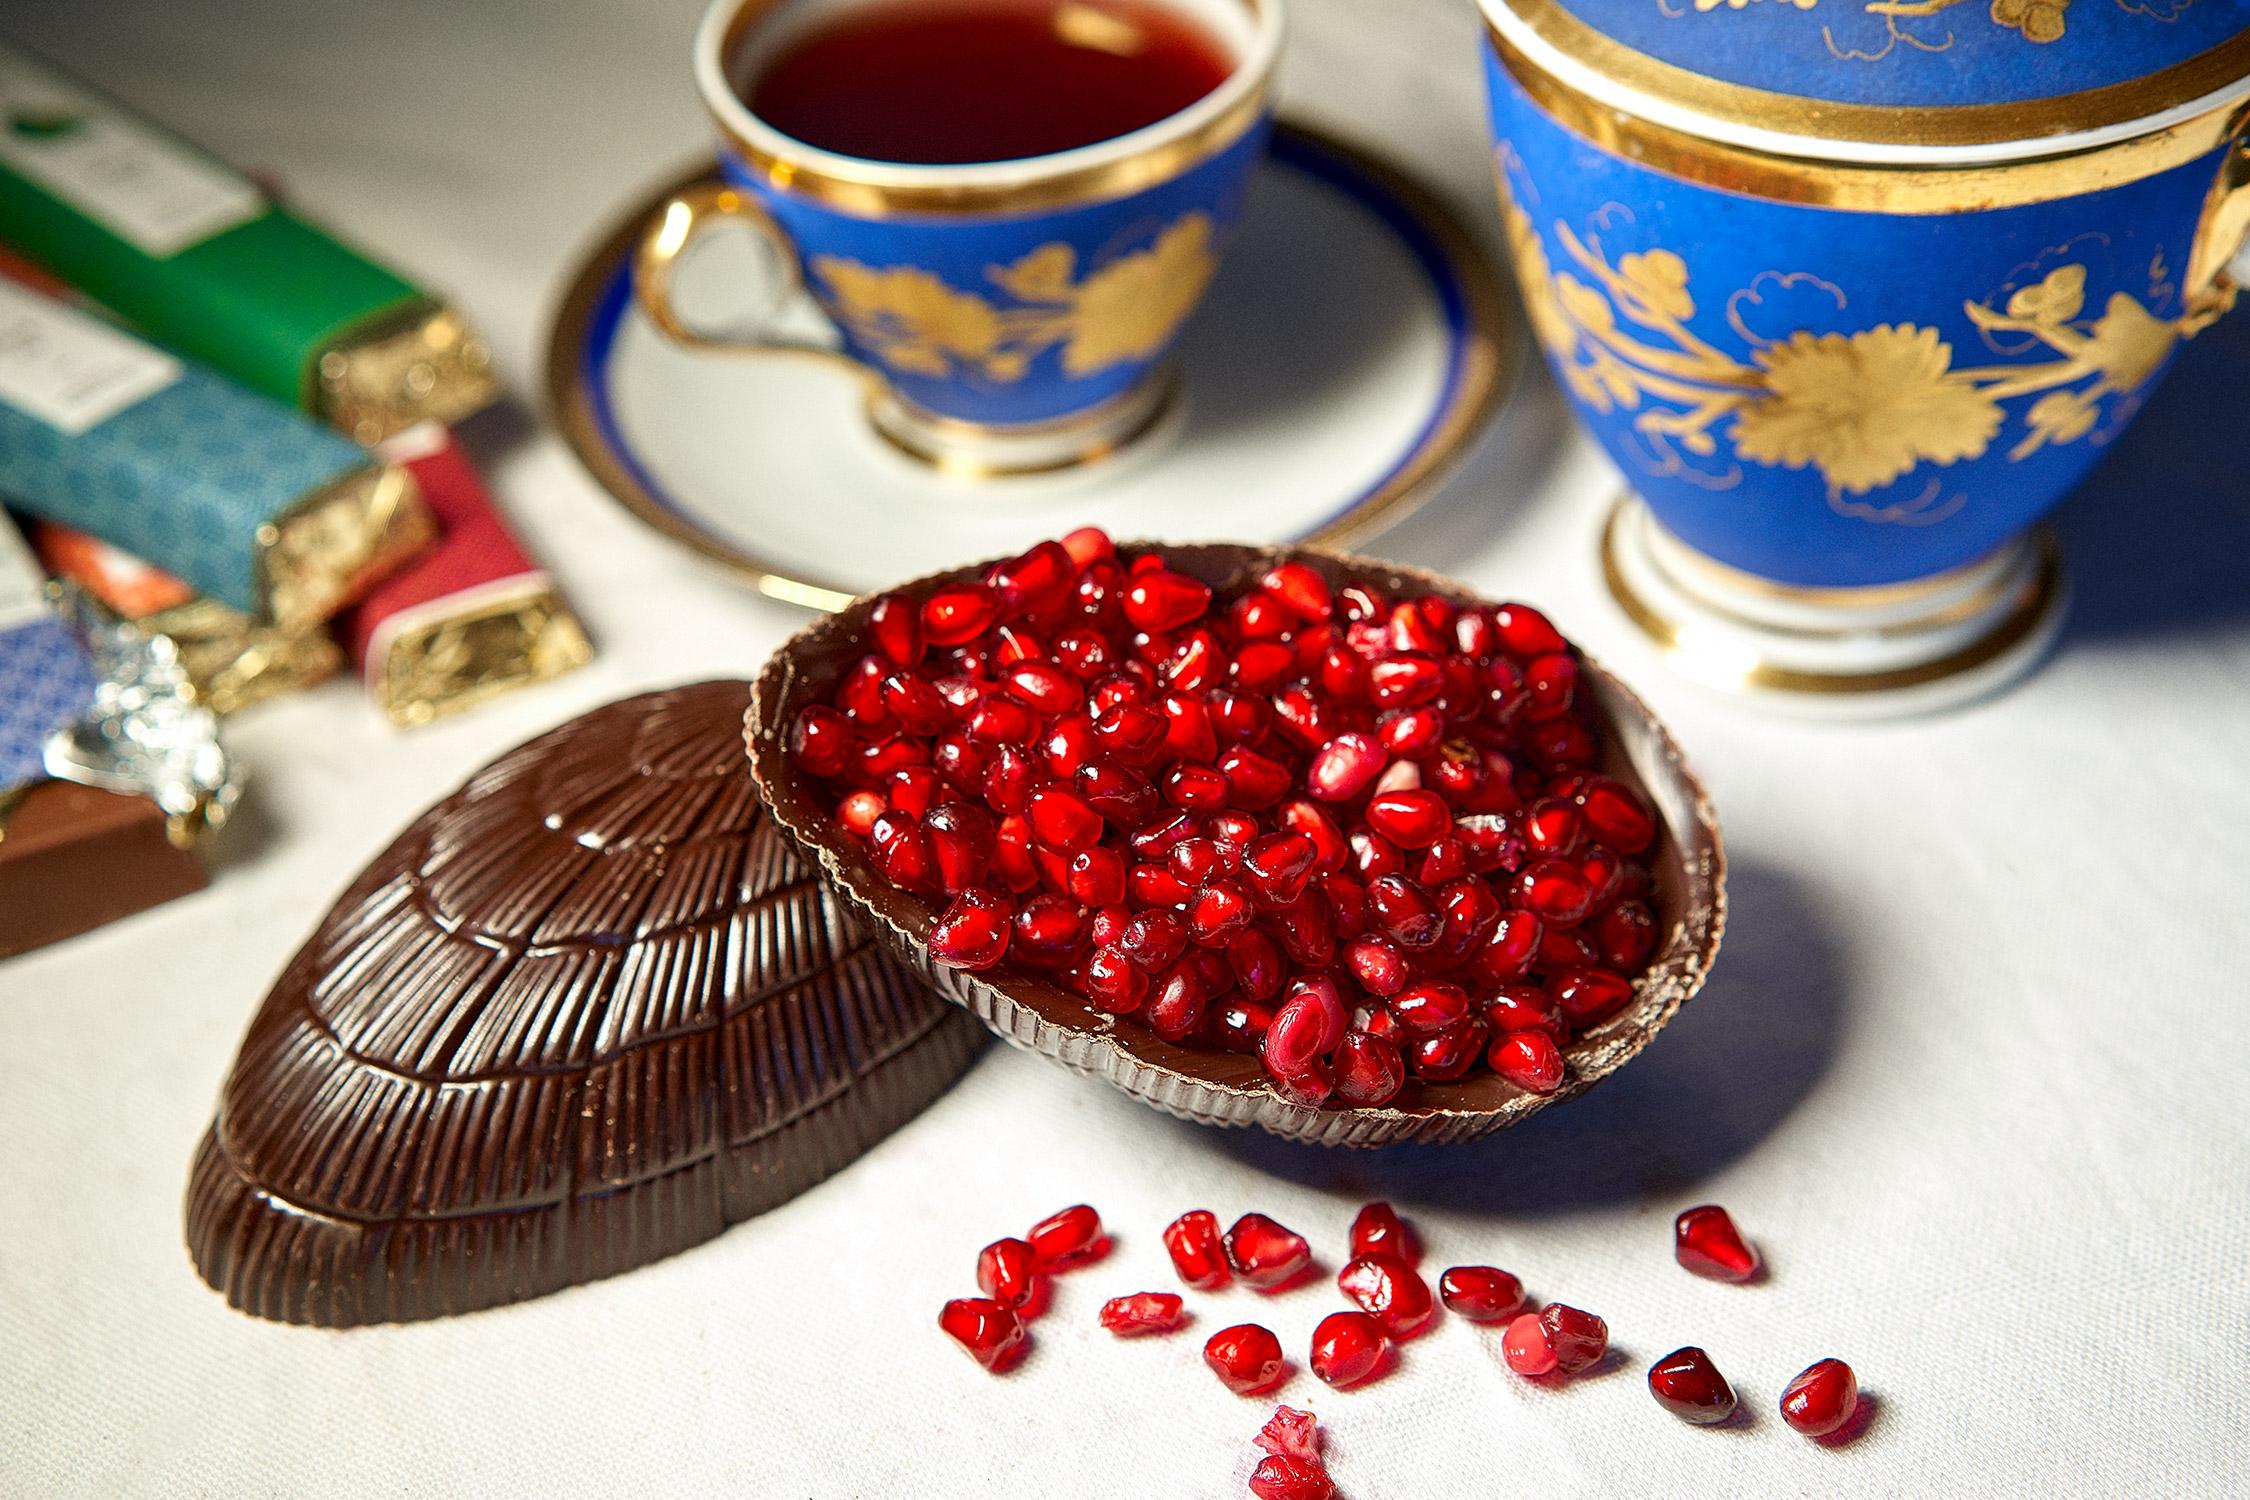 photo-luxe-packaging-haut-de-gamme-paques-easter-chocolats-oeufs-gateaux-chocolatier-Leger-Tournai-Mouscron-Belgique